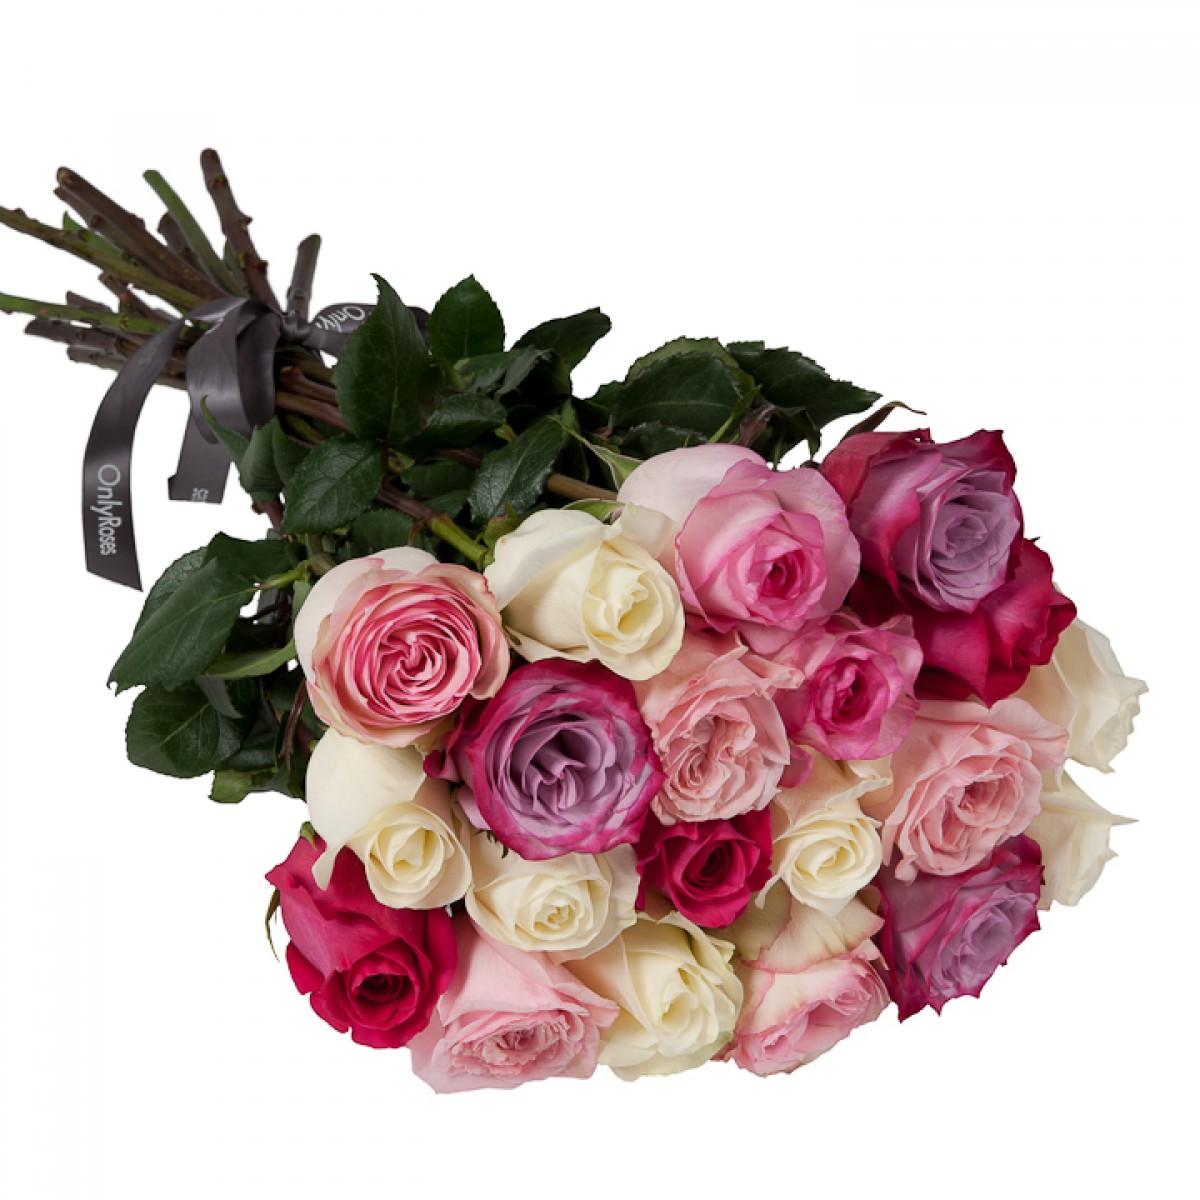 Букет от 15 до 25 рози в бяло/розова гама (ти избираш броя)